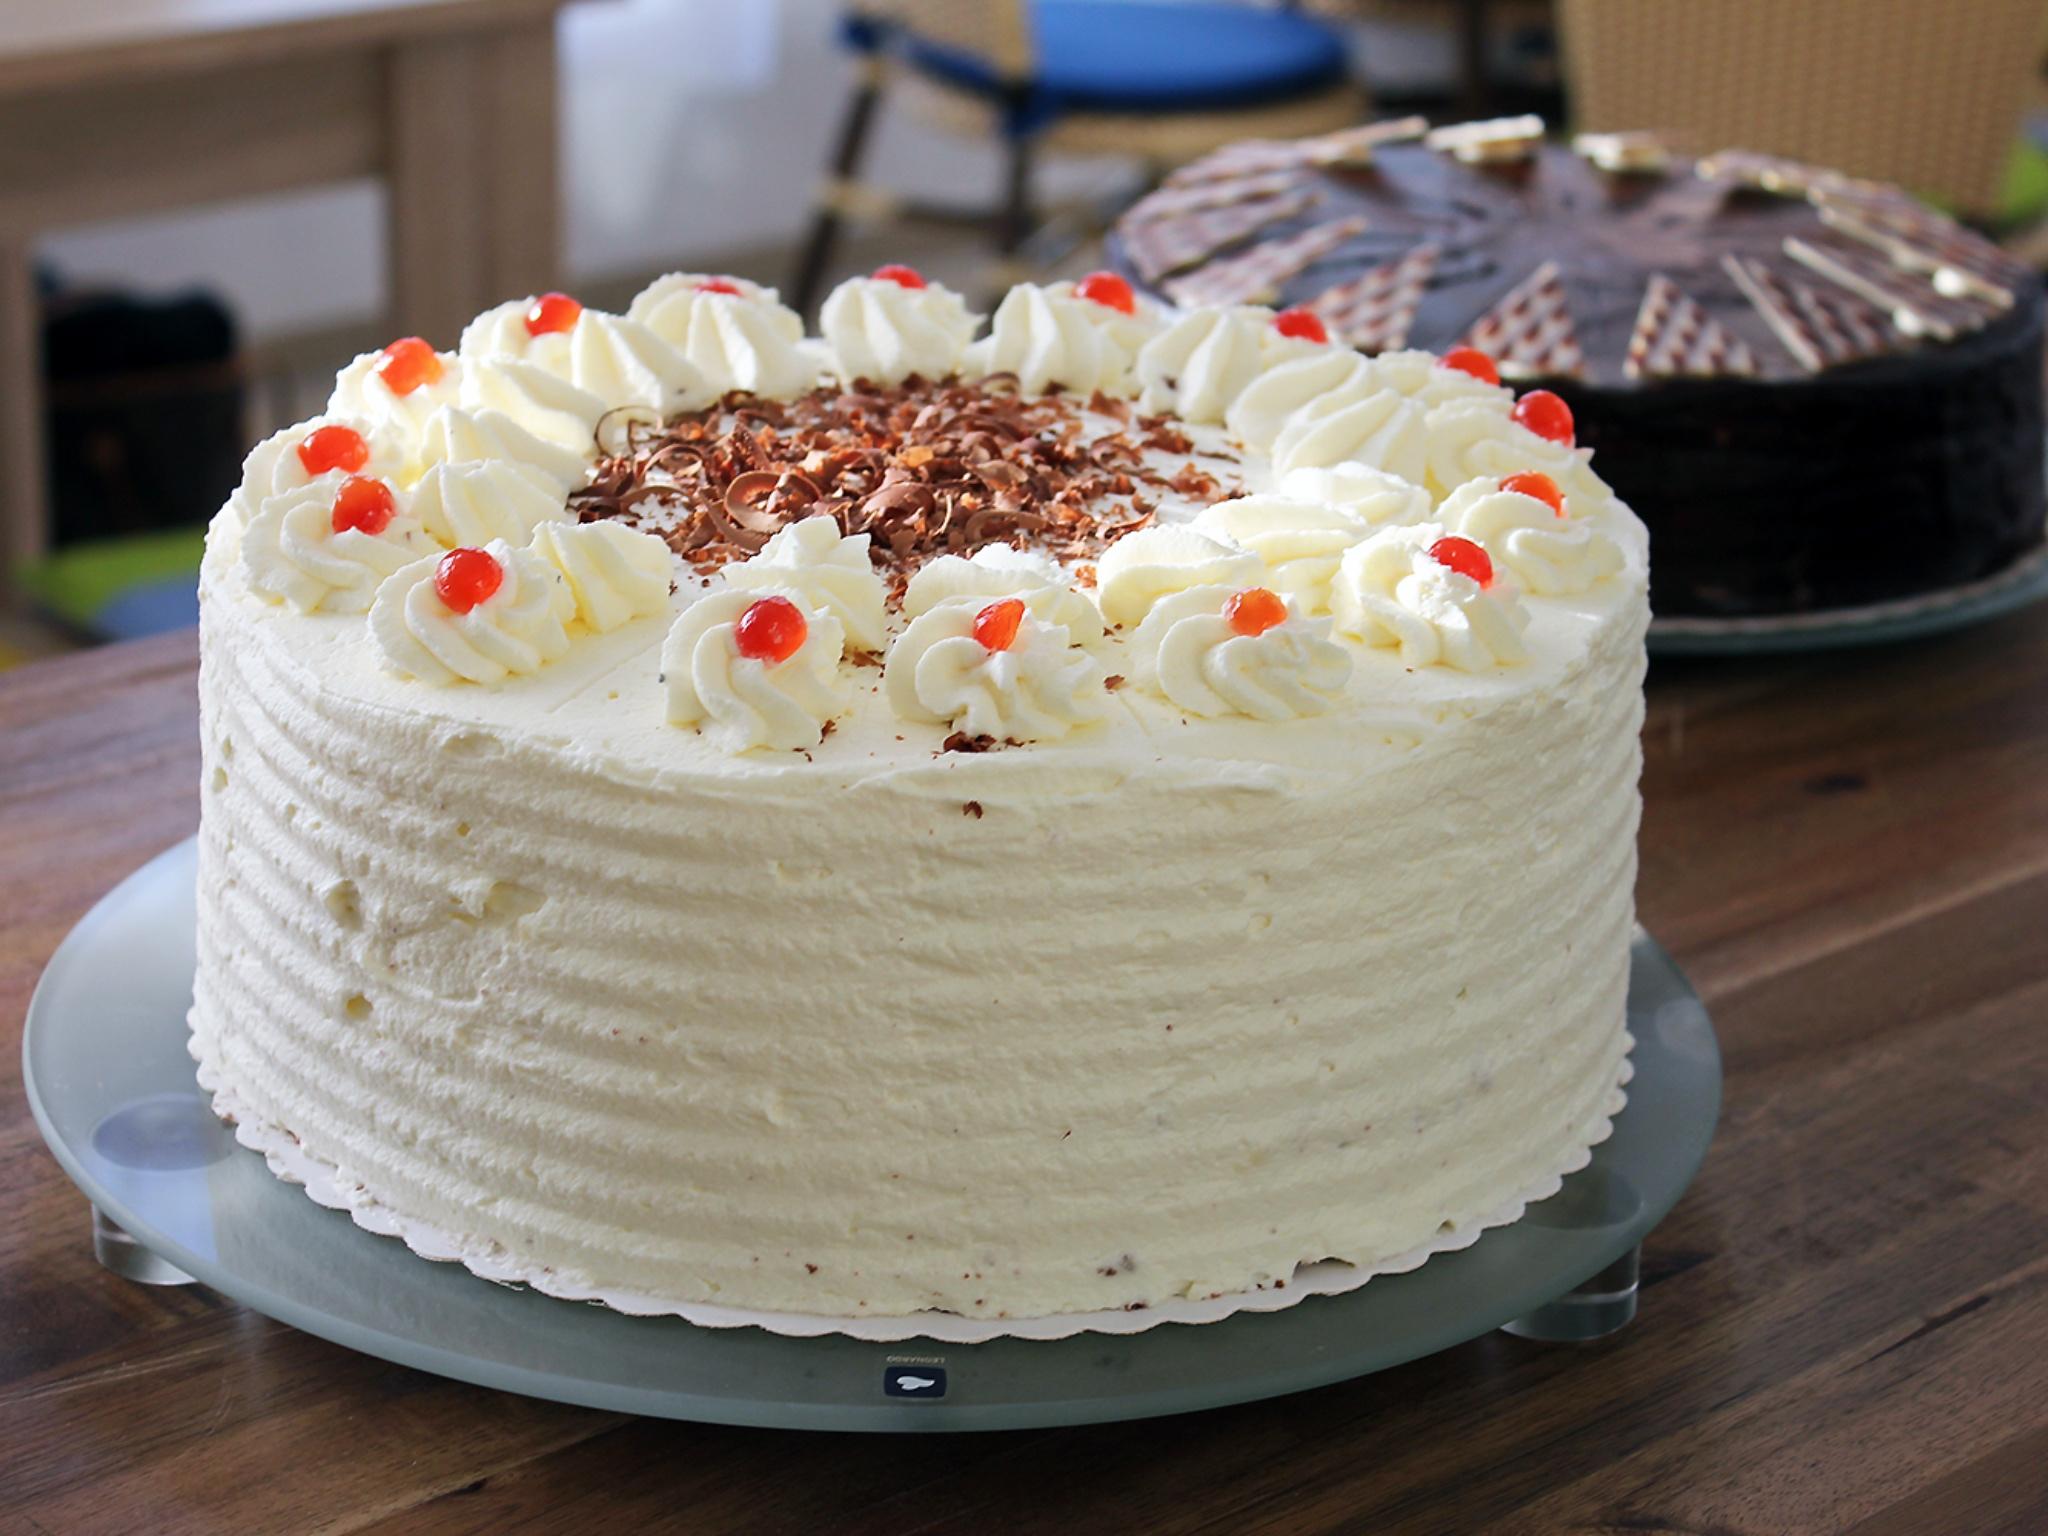 Erfüllt individuelle Wünsche: Das RAW-Café backt auf Bestellung auch Torten, Kuchen und Gebäck für Hochzeiten, Geburtstage, Jubiläen, Taufen und andere Feierlichkeiten. Foto: Reto Glemser